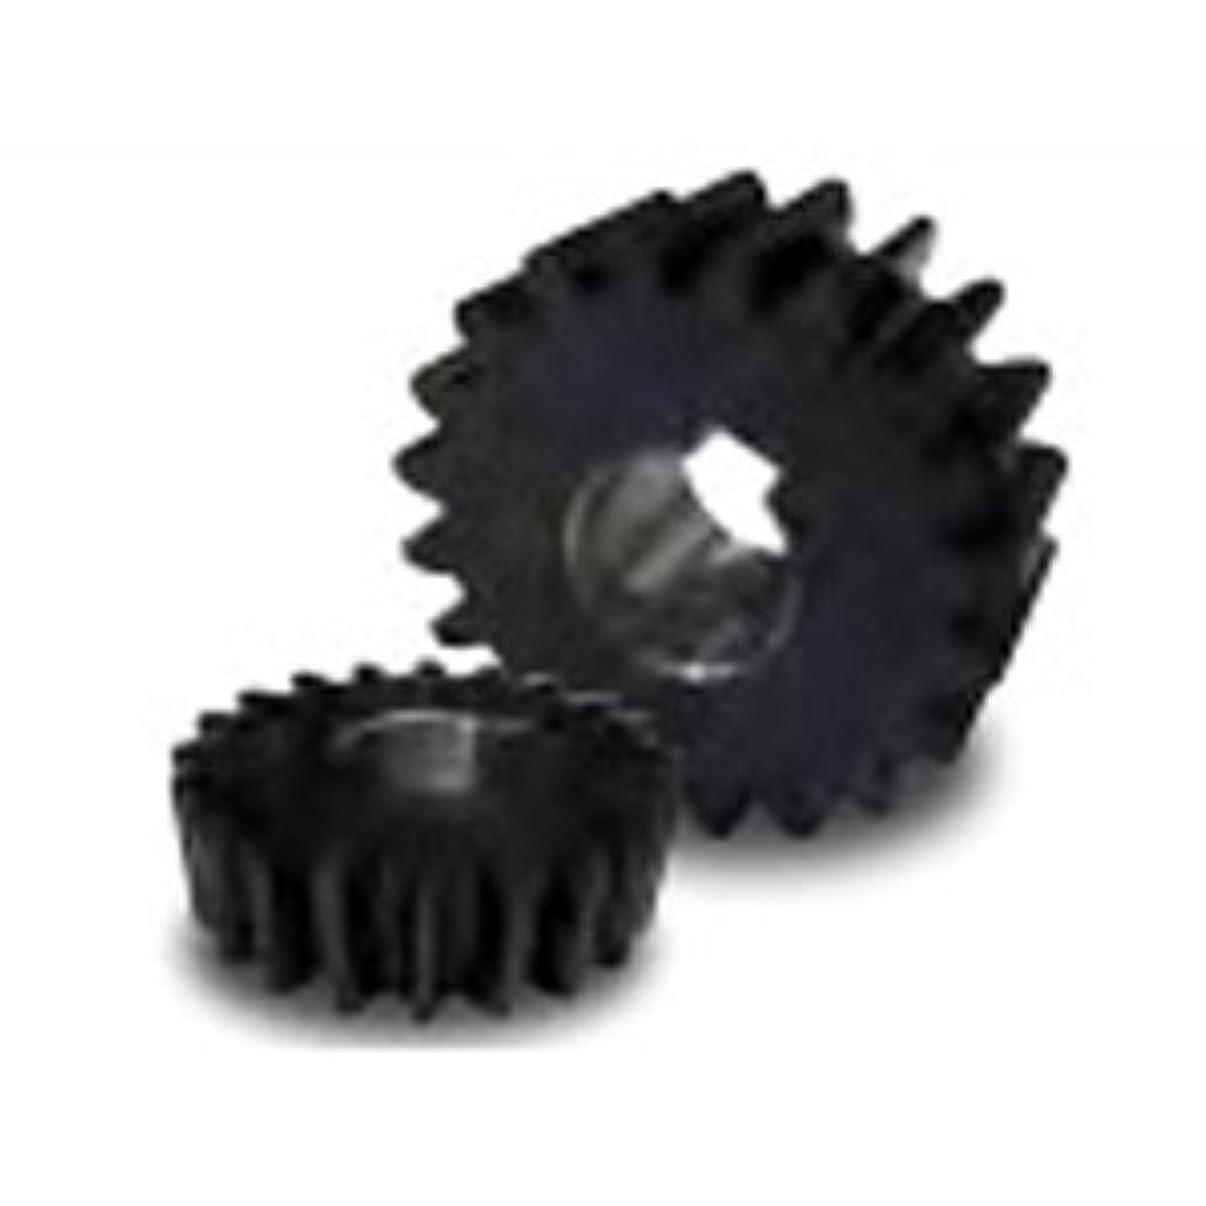 シーサイド外部飽和する小原歯車工業(KHK) Jシリーズ 平歯車 SSA2.5-25J20